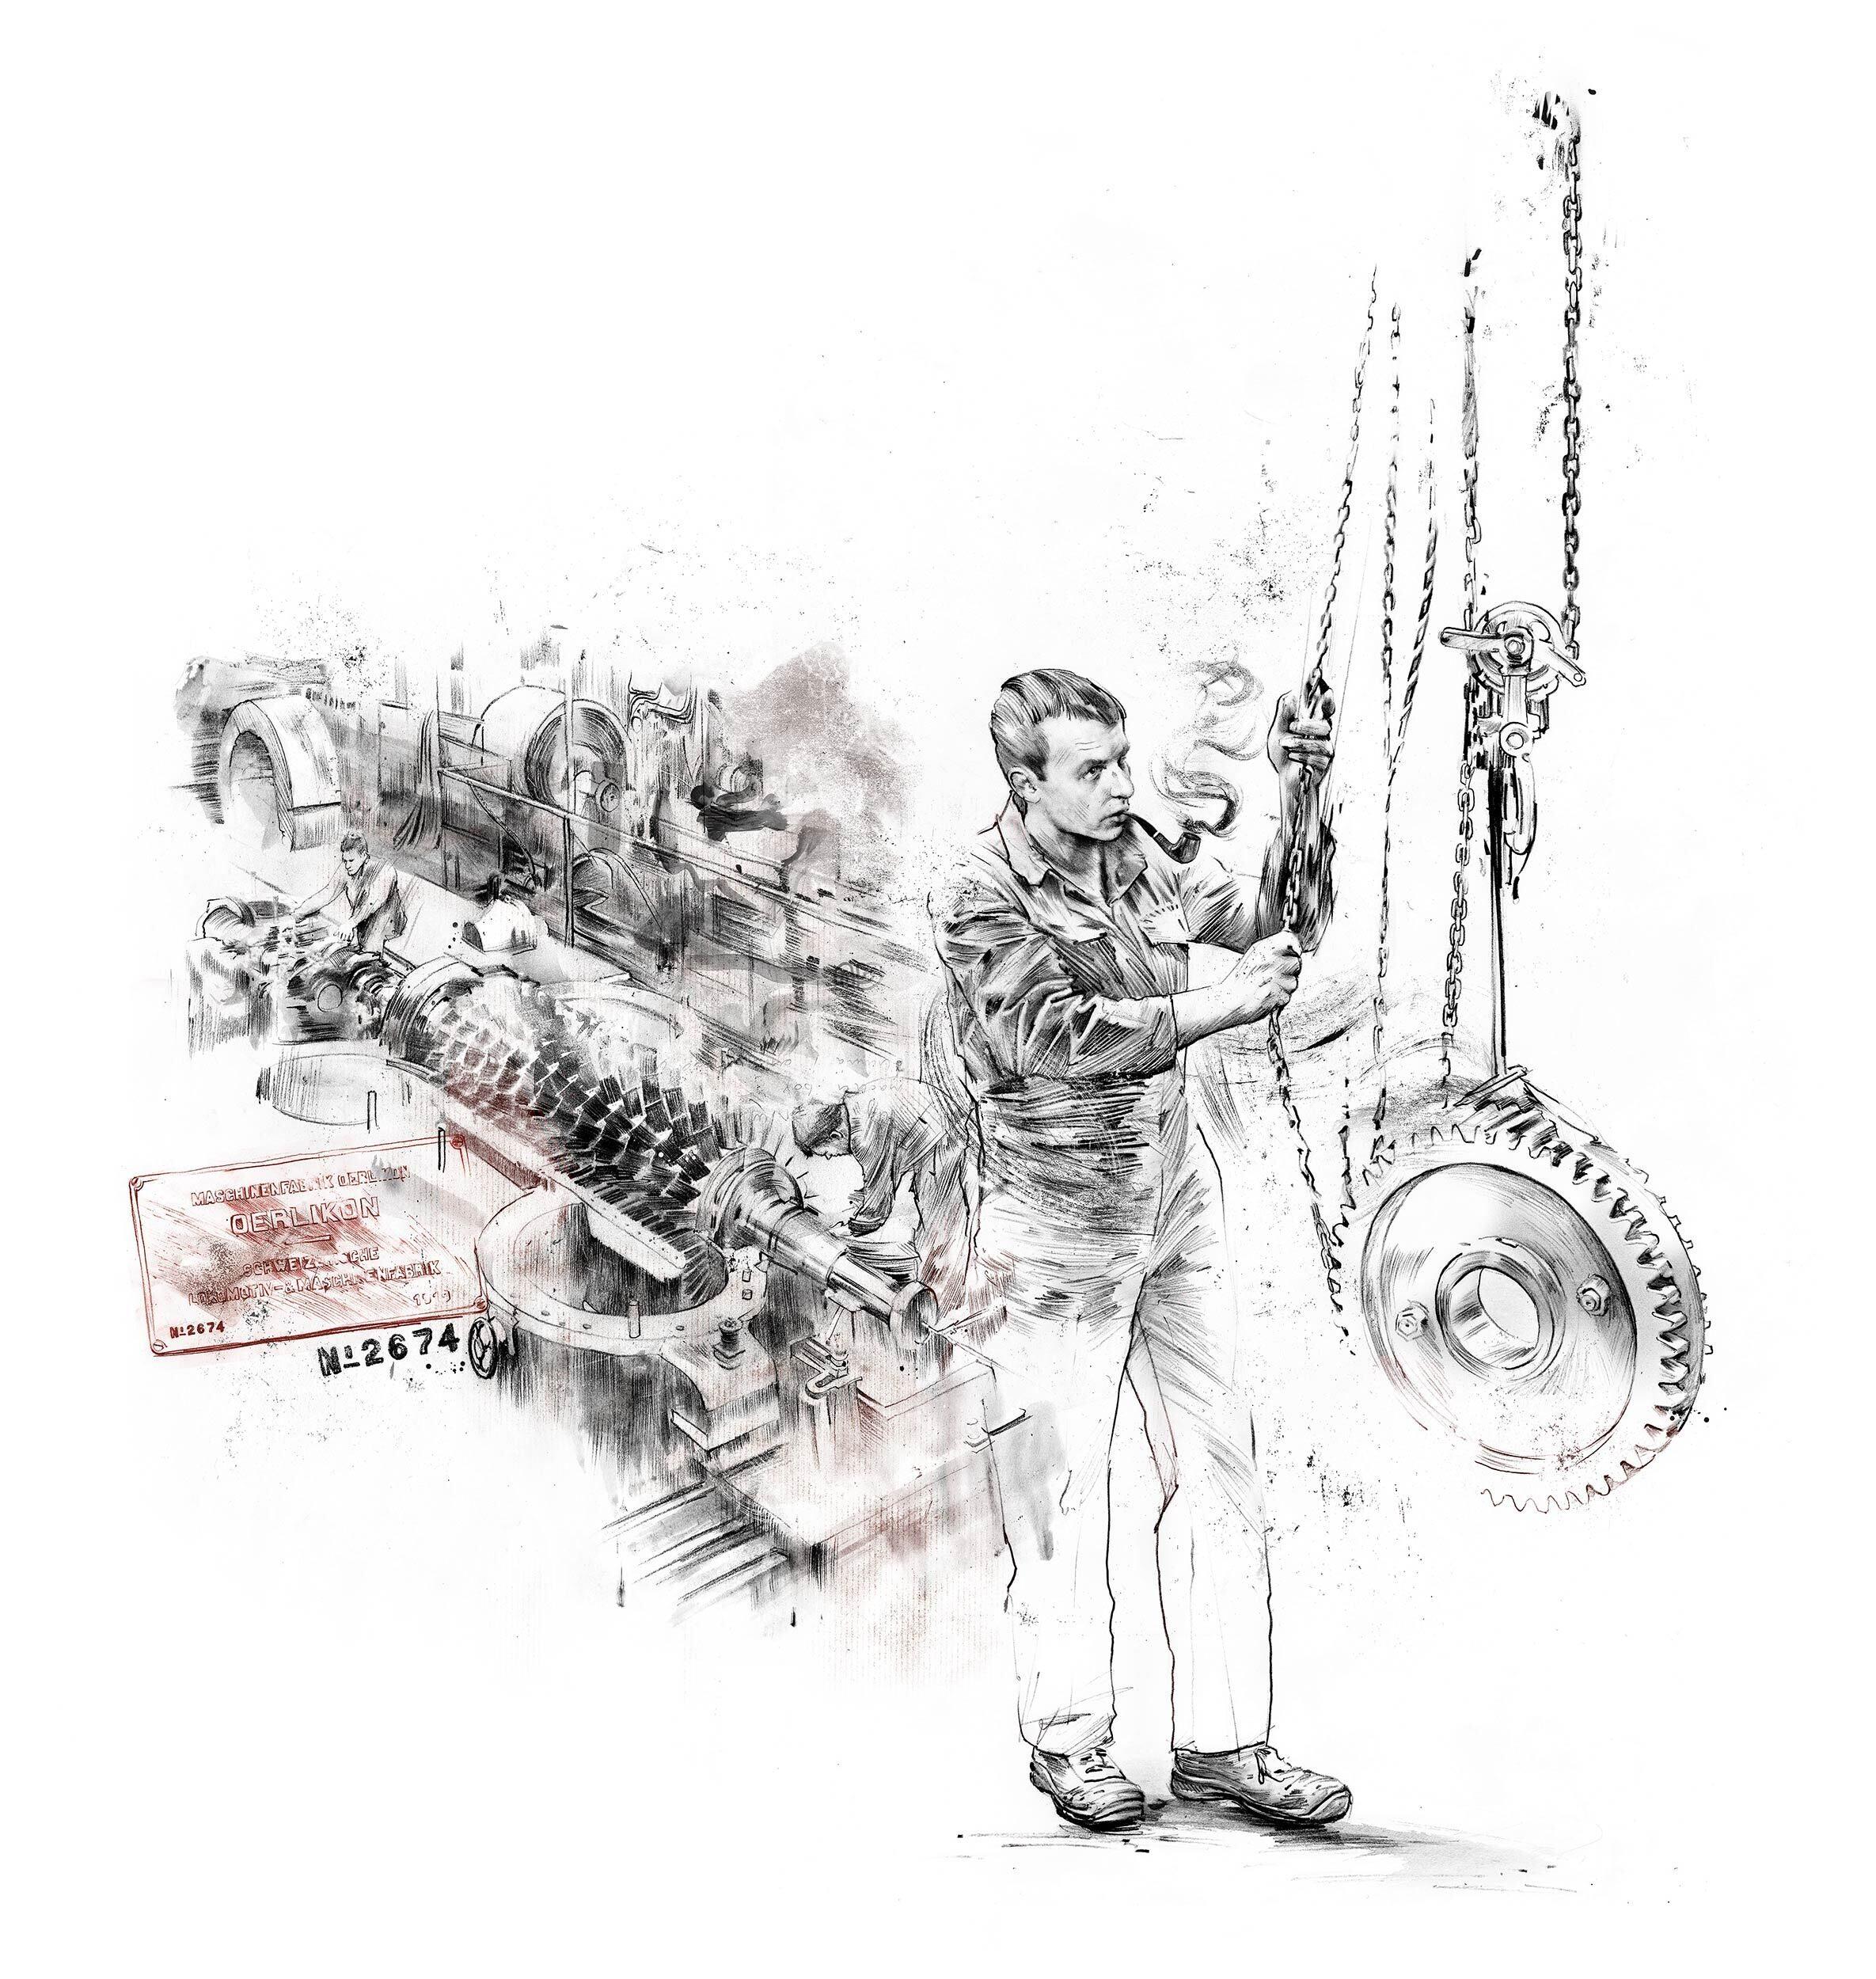 Hans Moor Mschinenfabrik Oerlikon Illustration woz - Kornel Illustration   Kornel Stadler portfolio